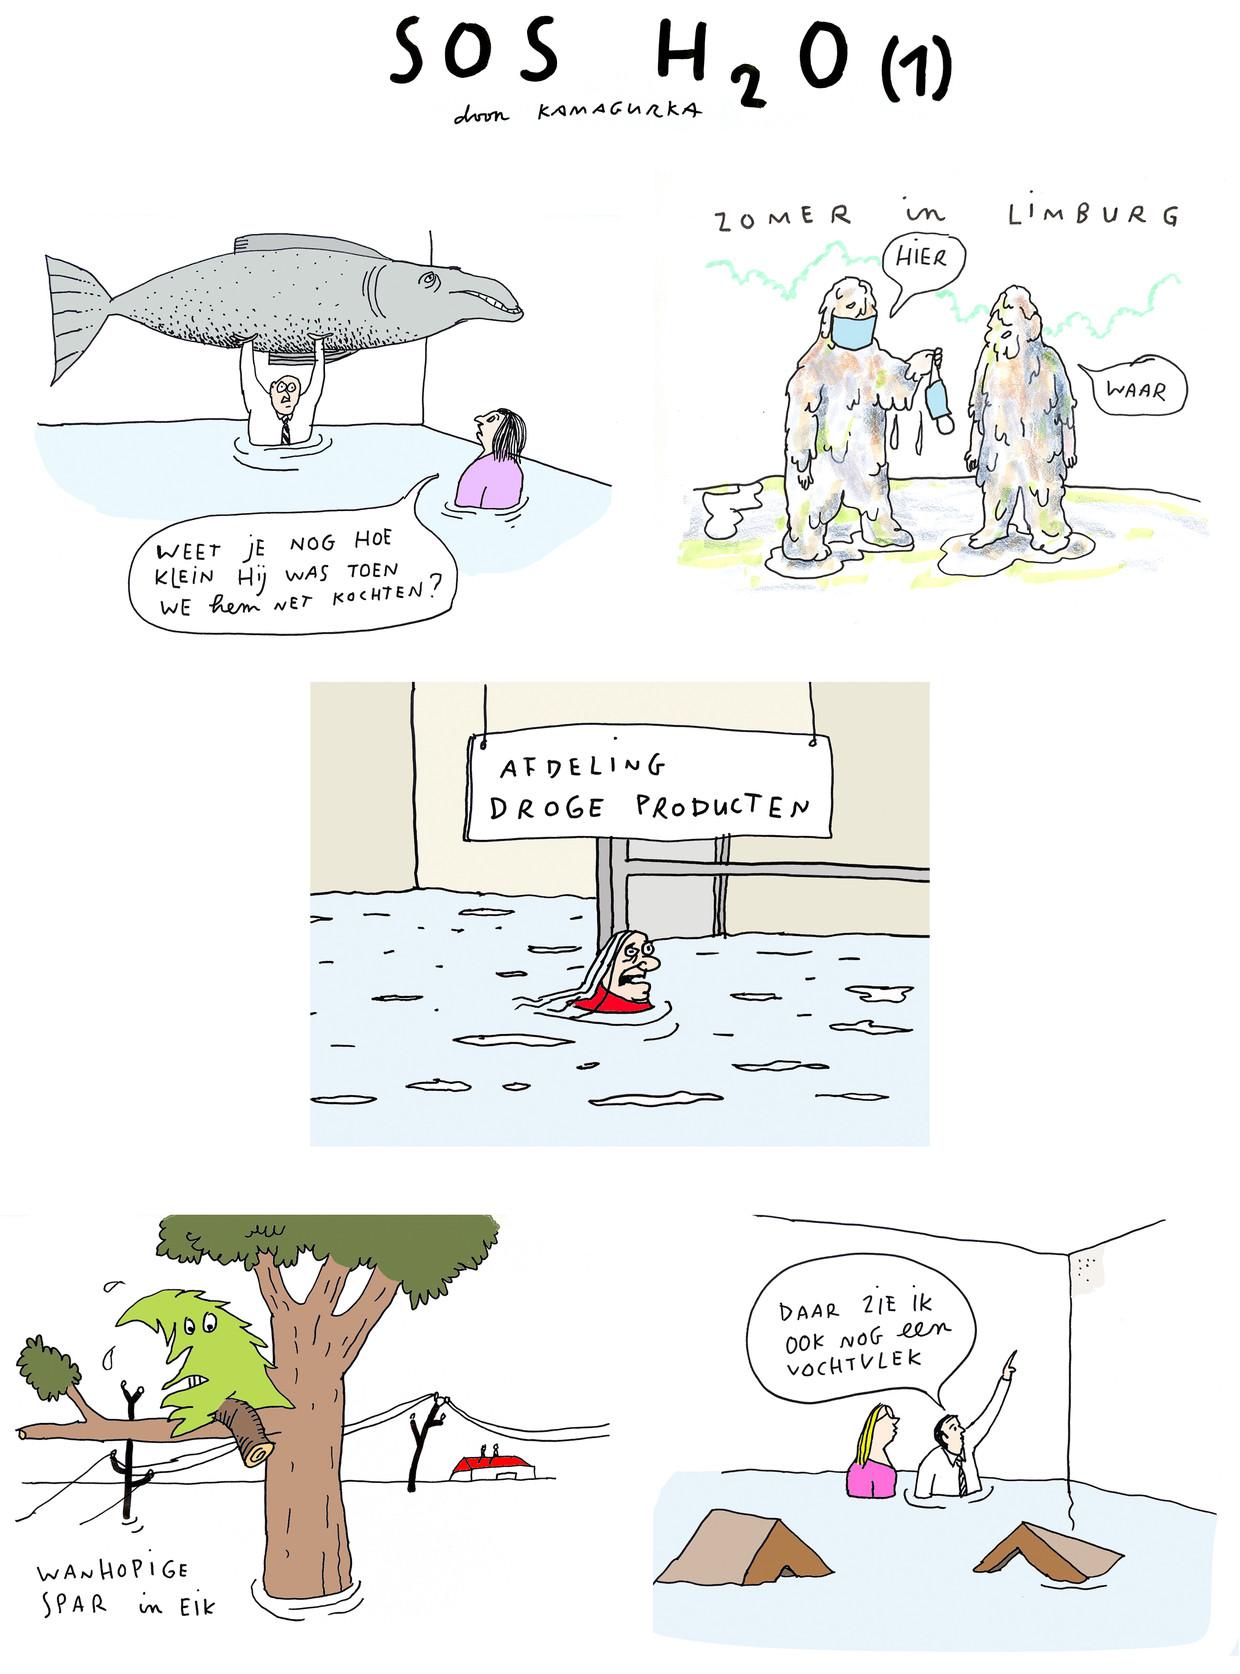 Kamagurka: SOS H2O(1) Beeld Kamagurka